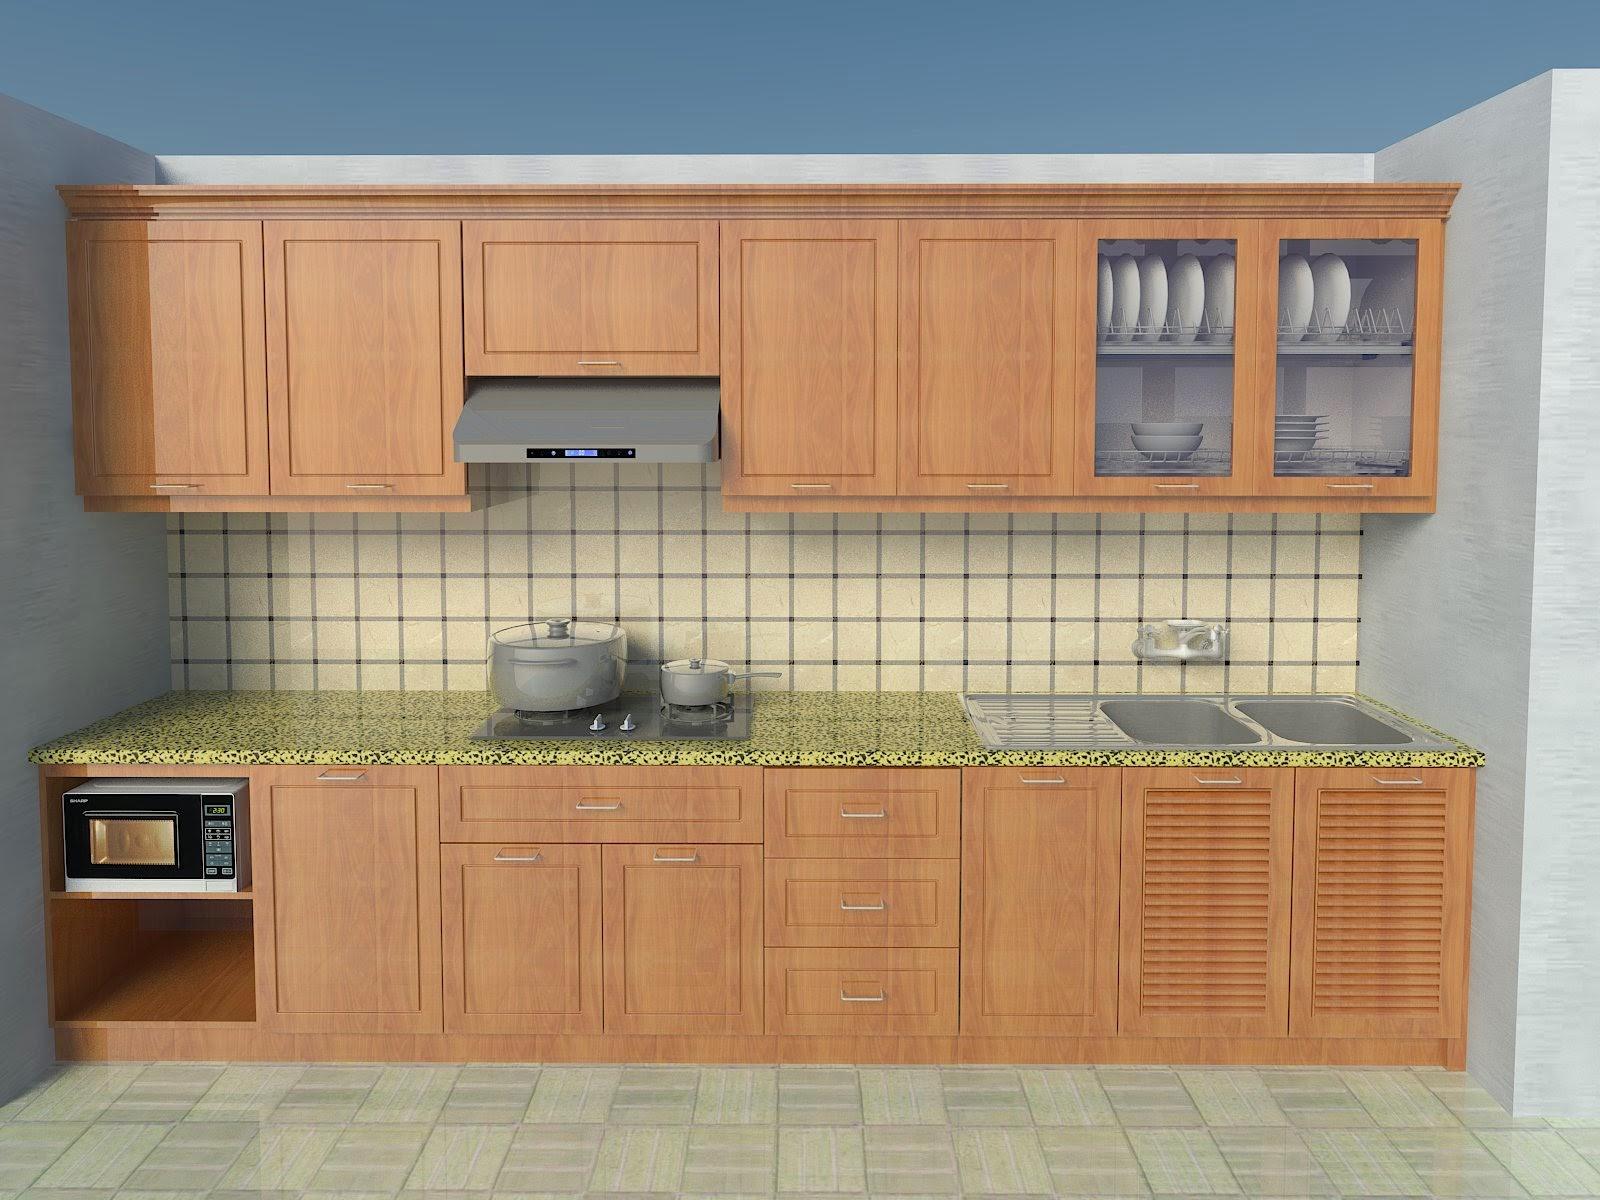 thi công lắp mới tủ bếp chuyên nghiệp